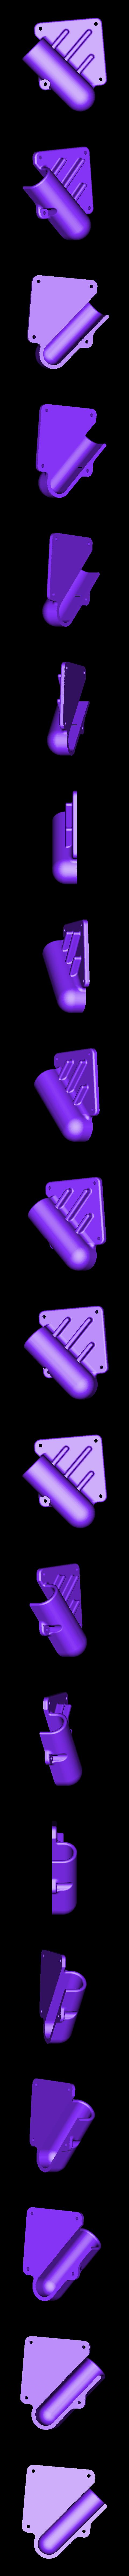 Cable-support1.STL Télécharger fichier STL gratuit Support de câble et autres pour Prusa i4 • Objet pour impression 3D, perinski